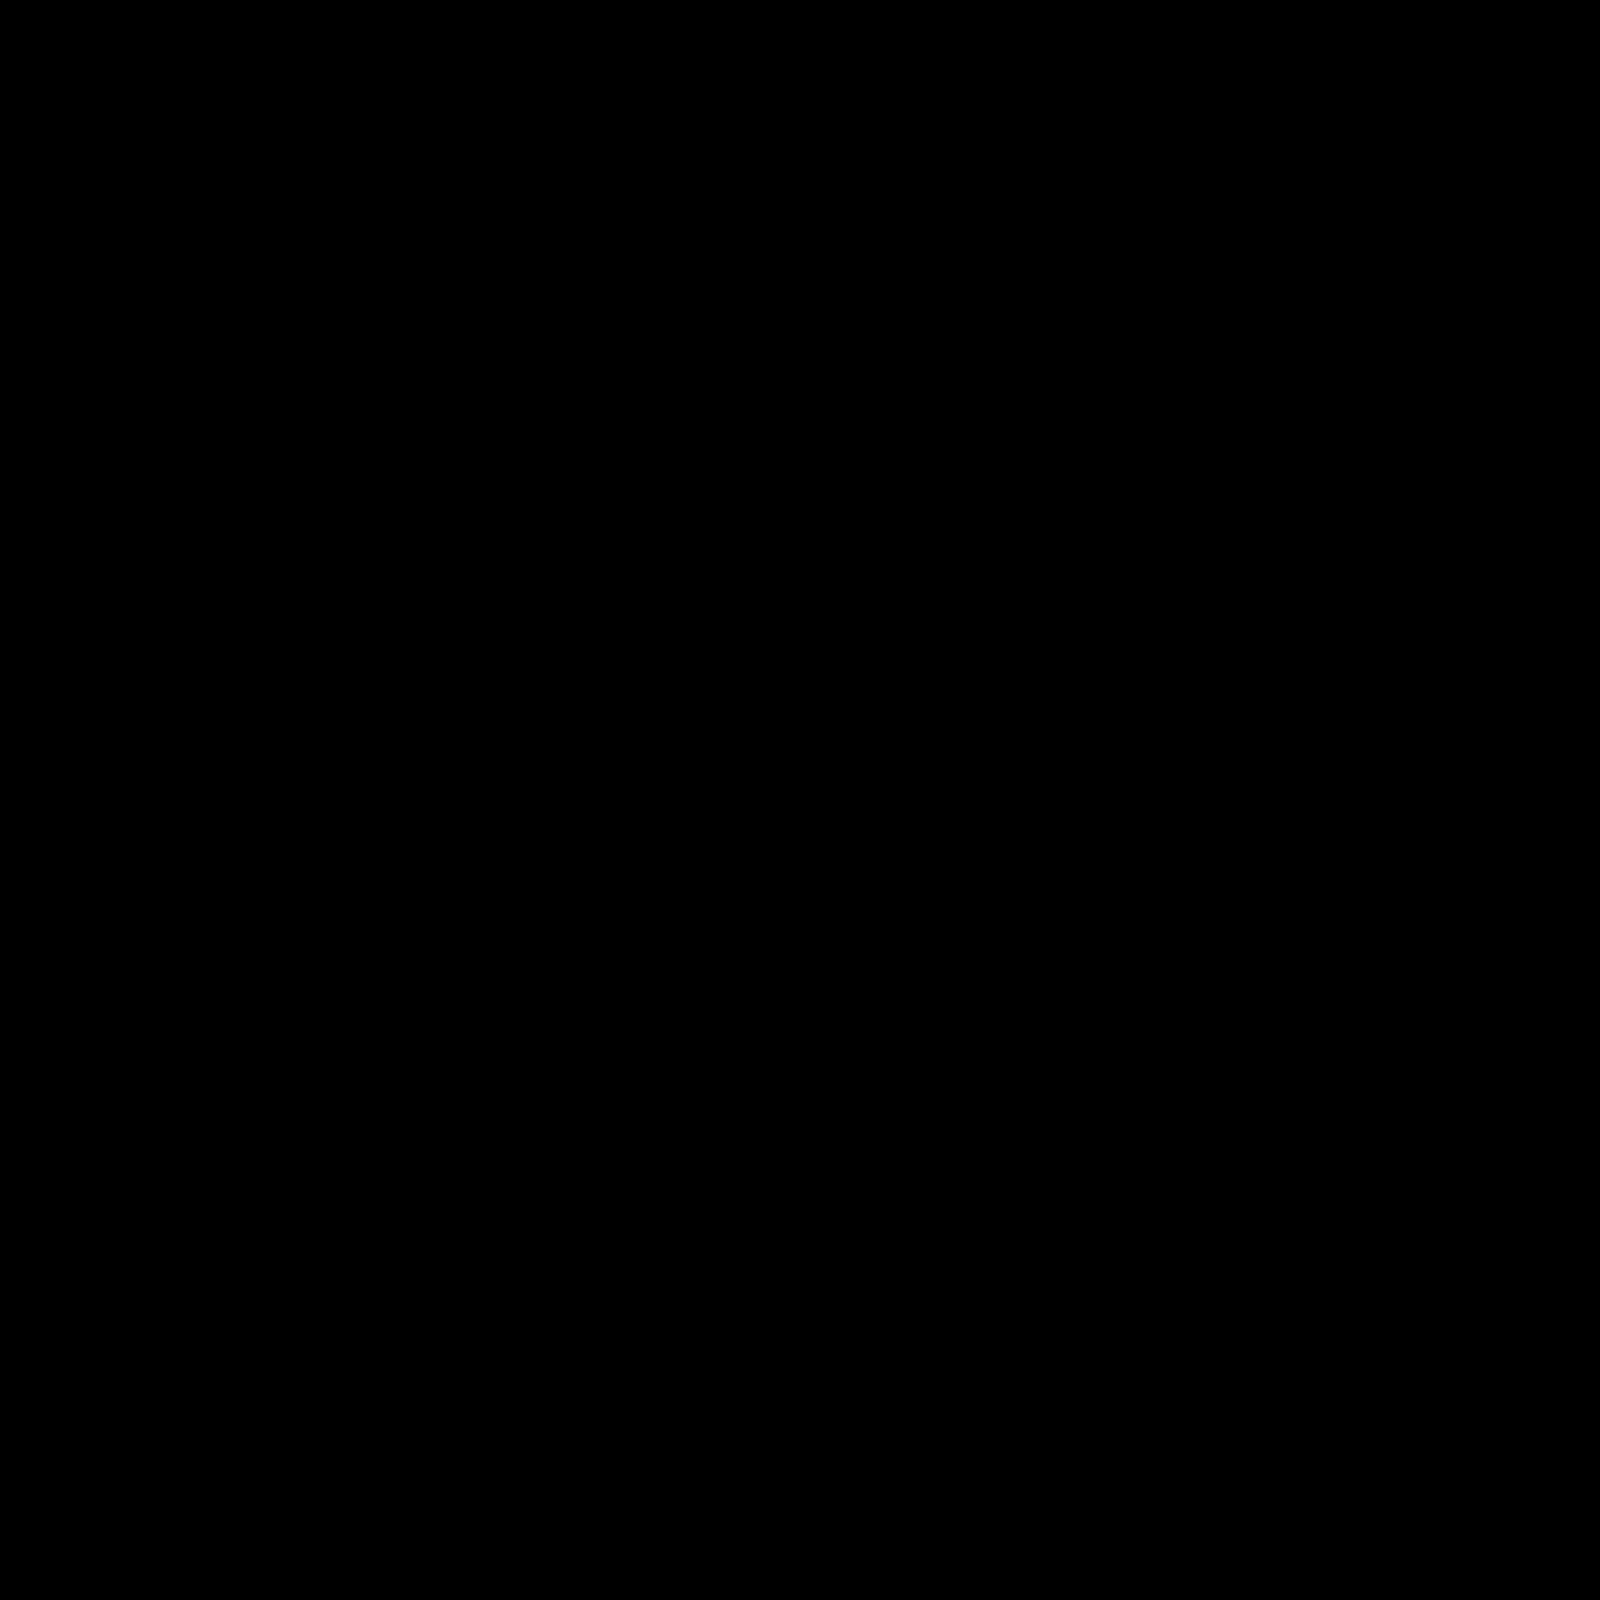 Line Me icon